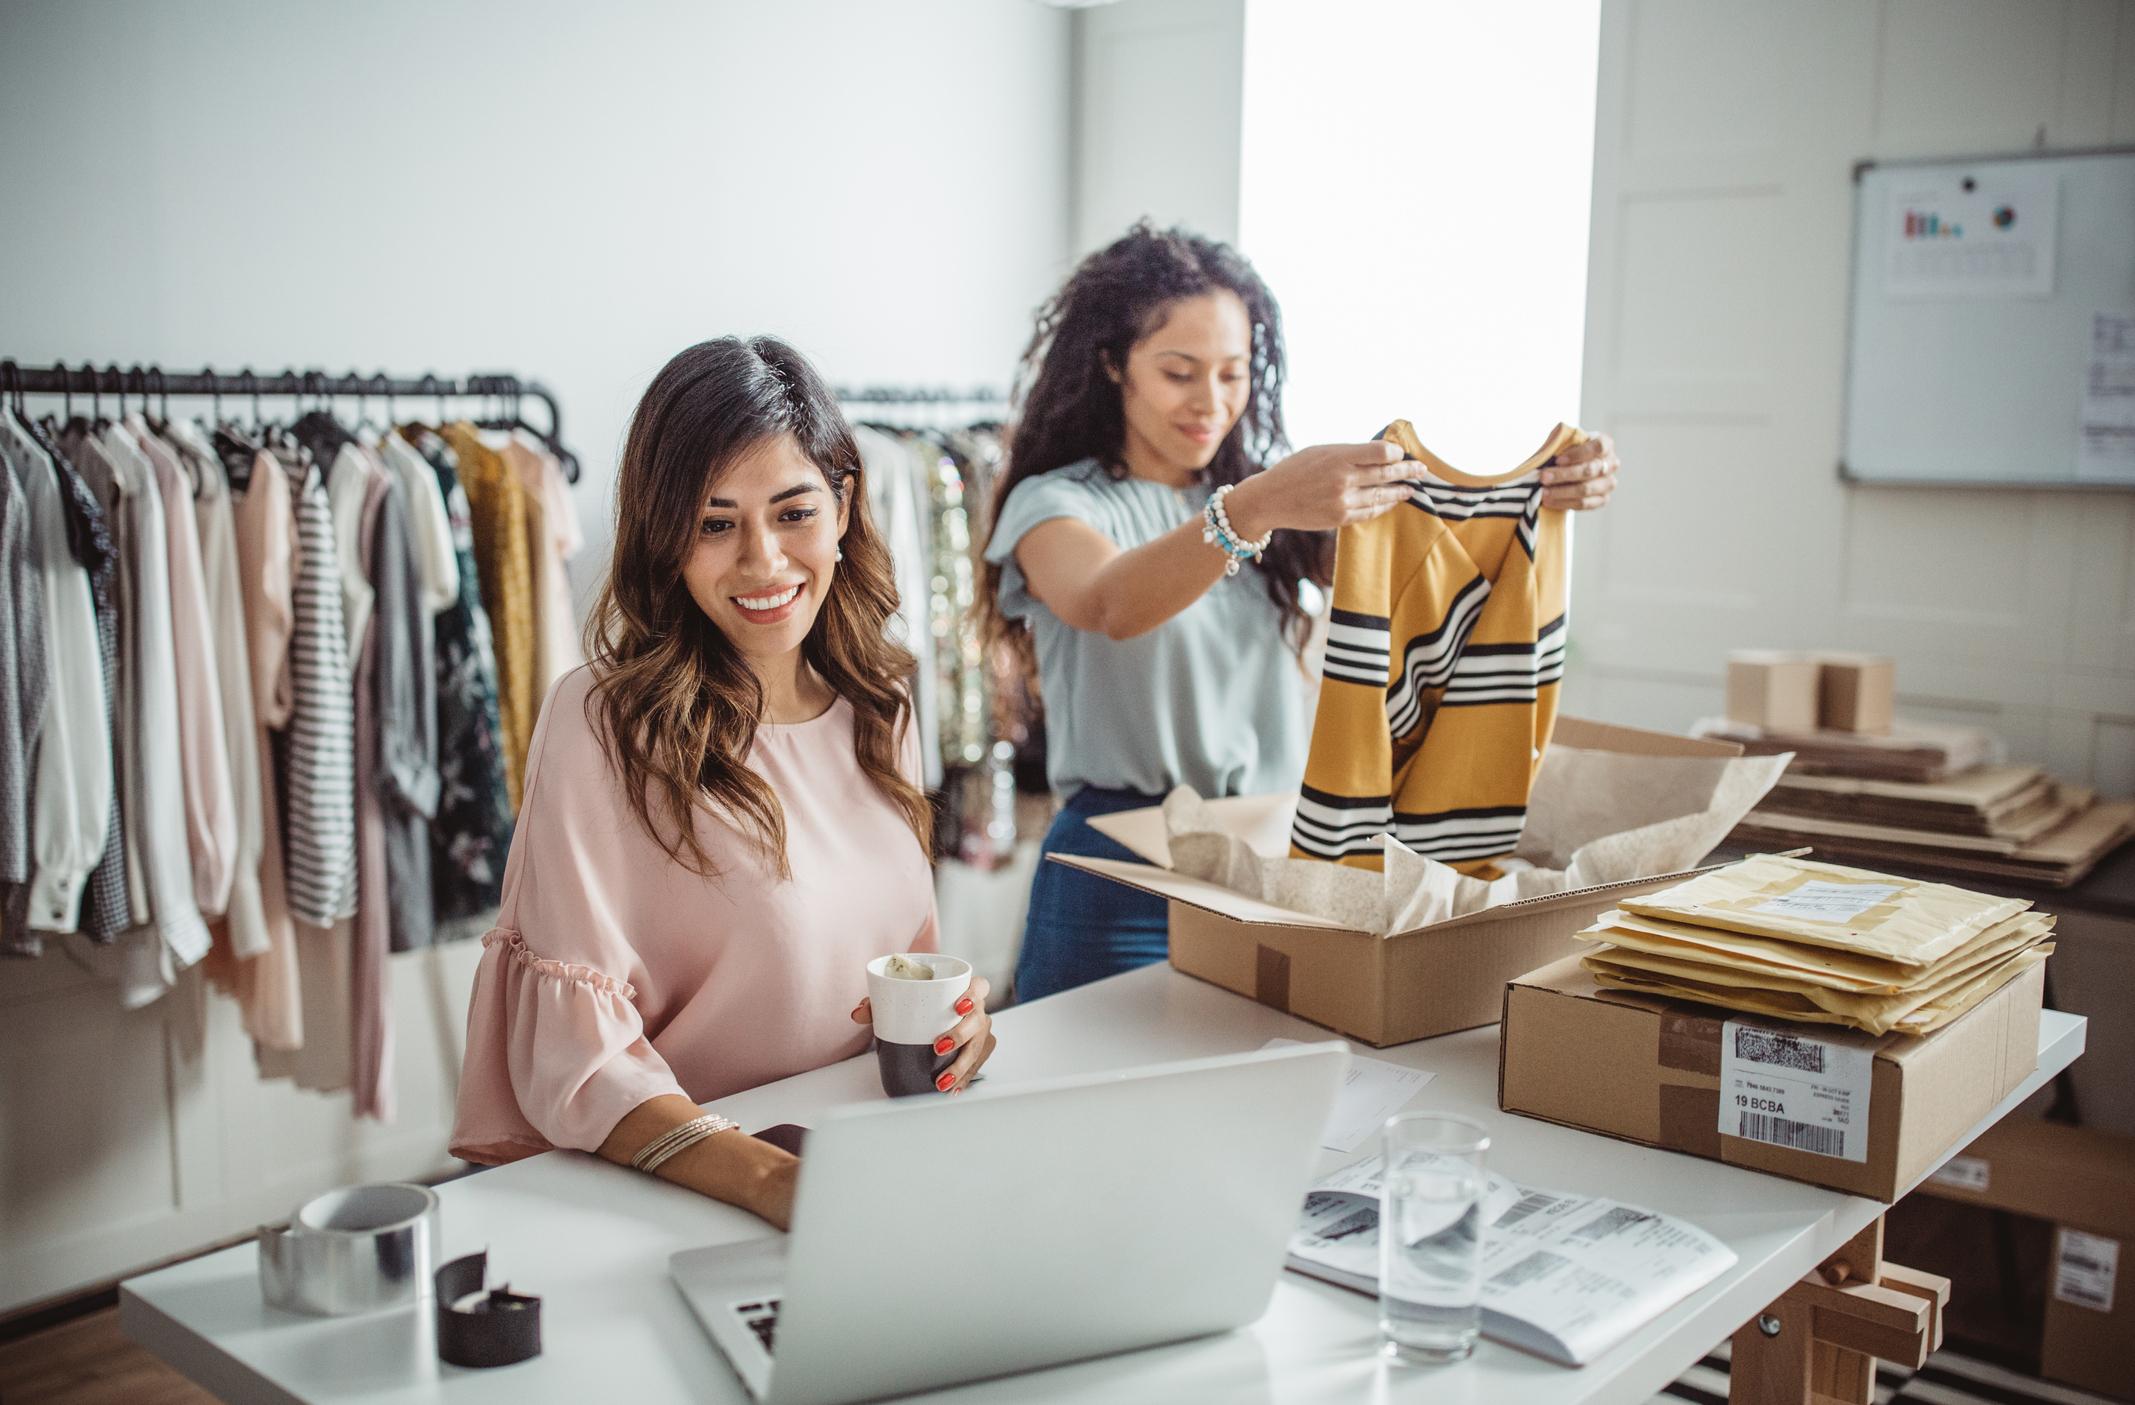 Comprar una empresa nueva o empezar una desde cero